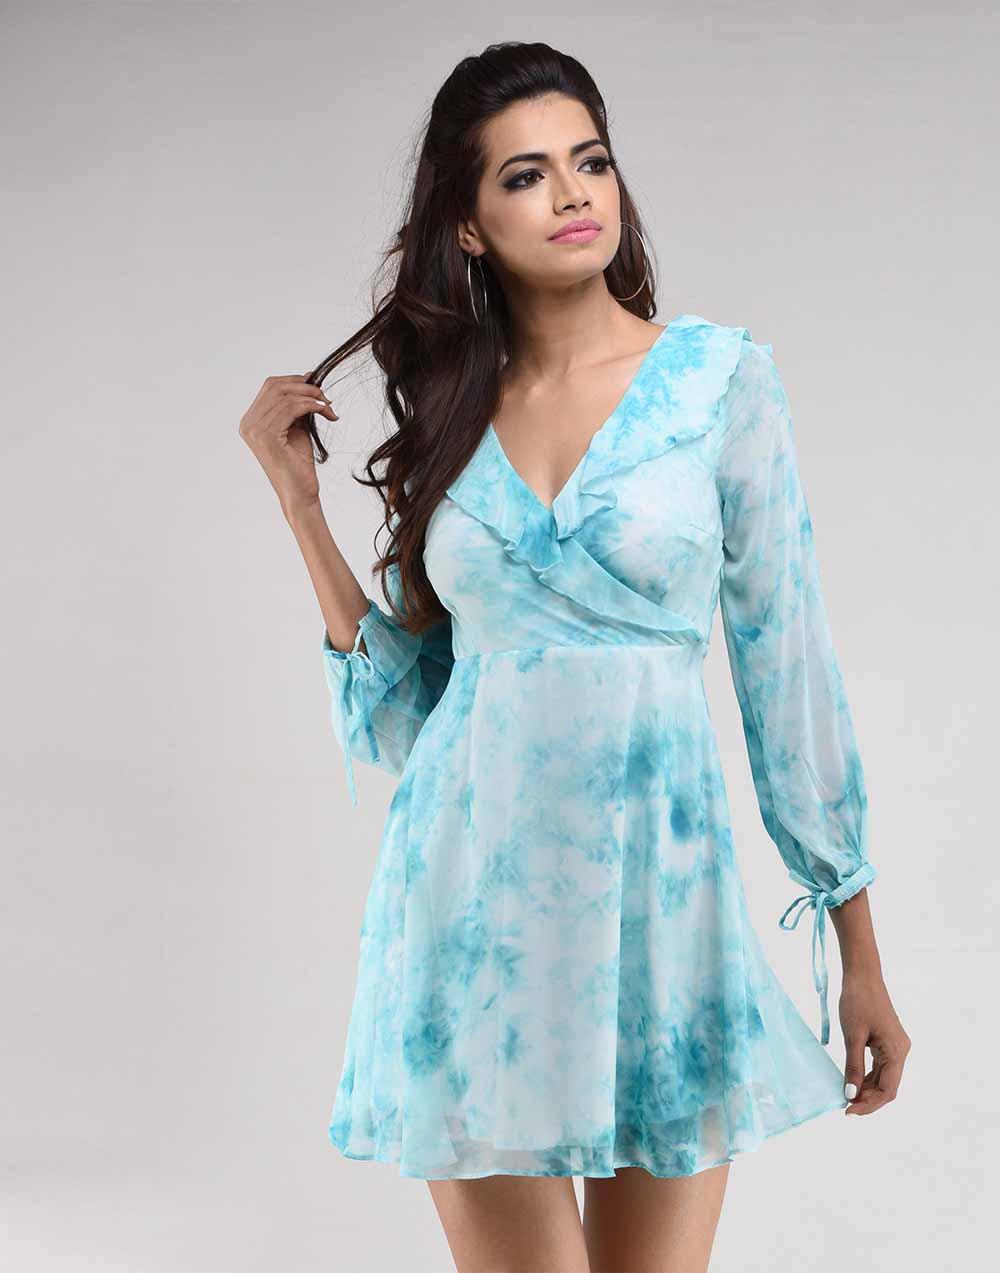 New Party Dresses In Sri Lanka Pemerintah Kota Ambon